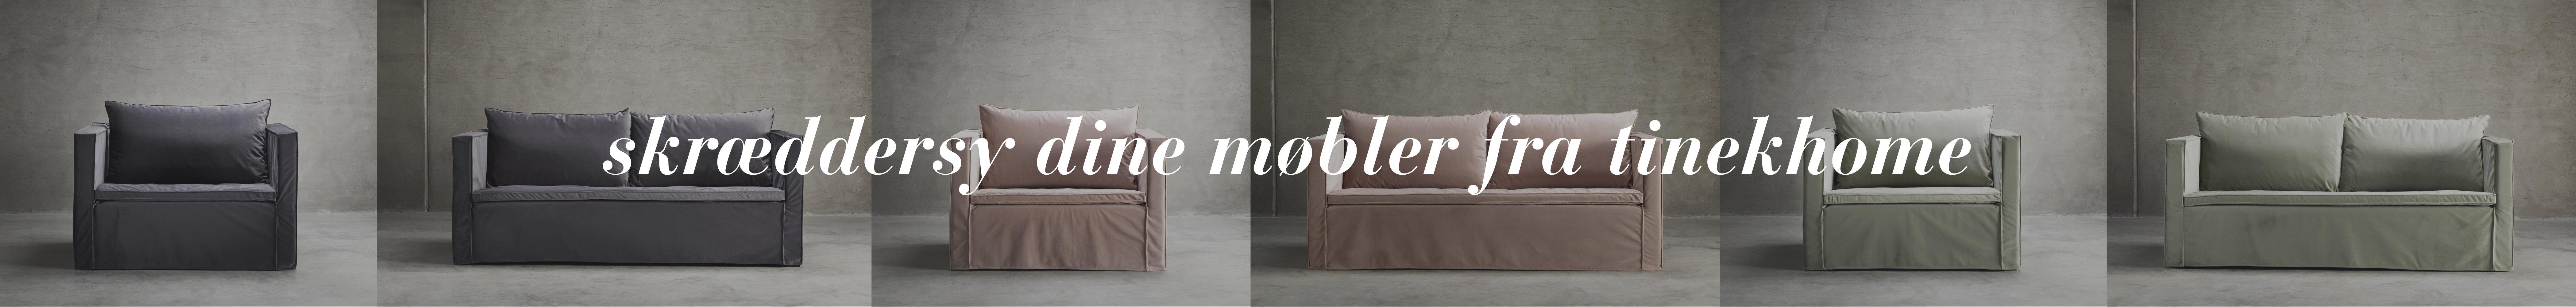 Tinekhome håndlavede bambusmøbler designet i skandinavisk design møblerne kan bruges både inde og ude